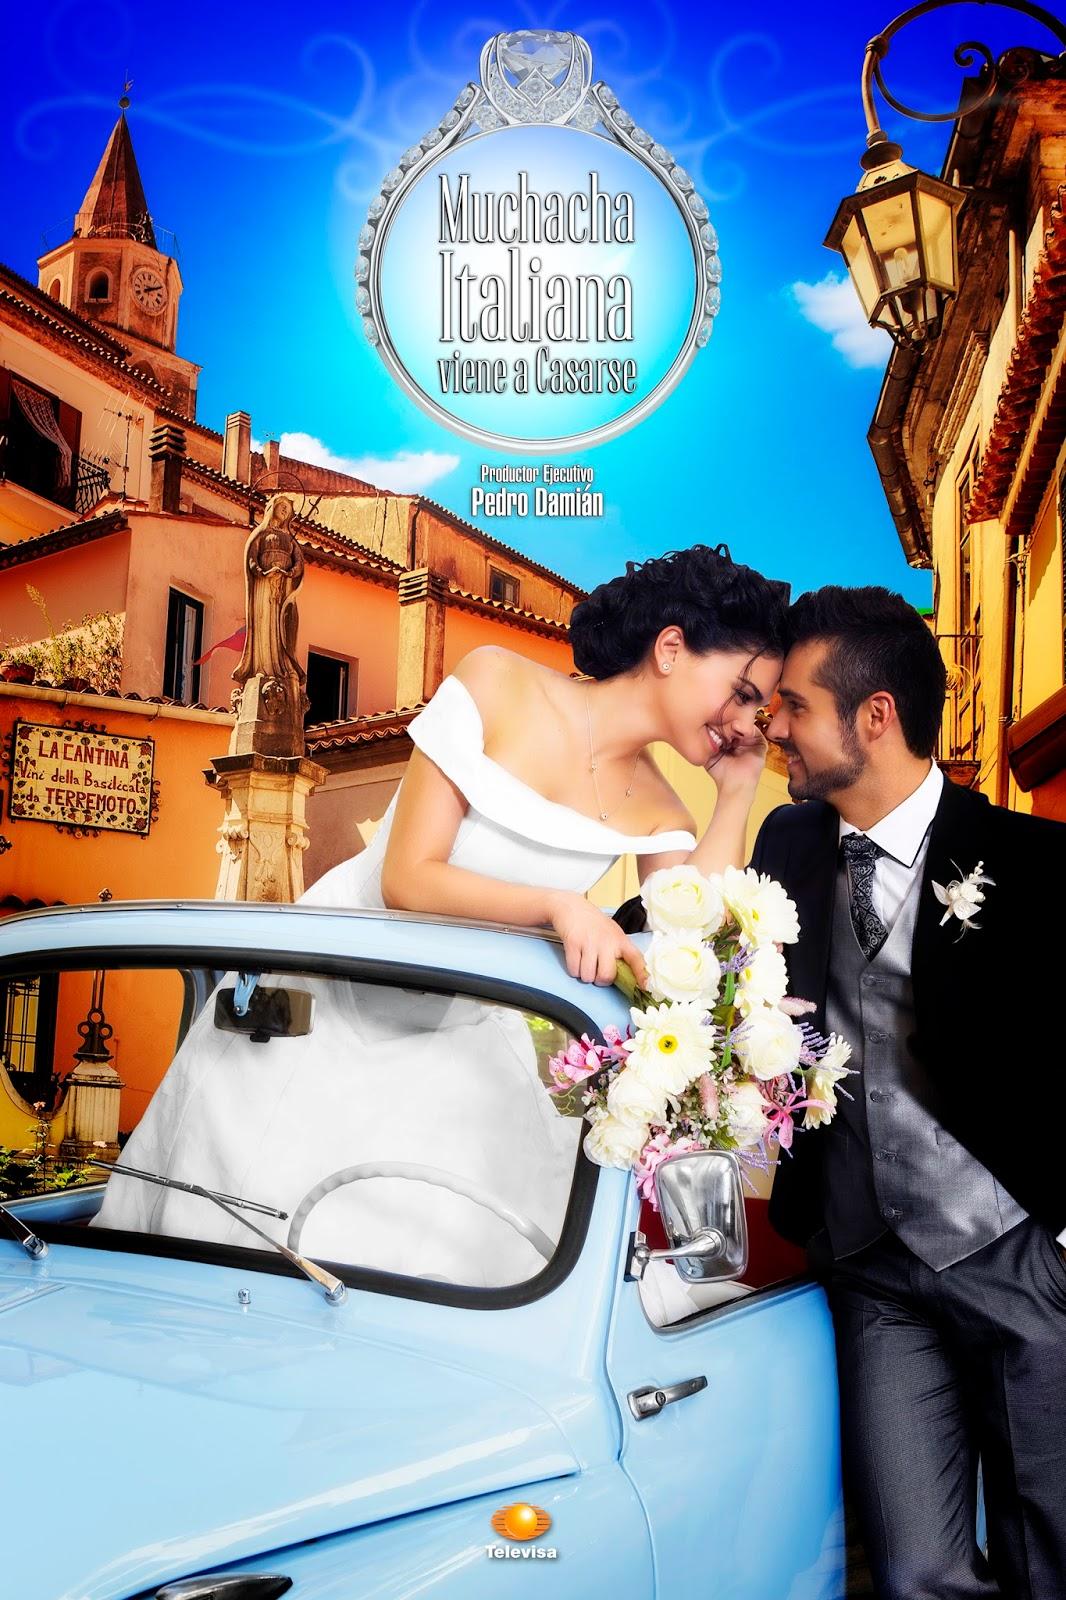 Novelas Online Televisa Muchacha Italiana Viene A Casarse